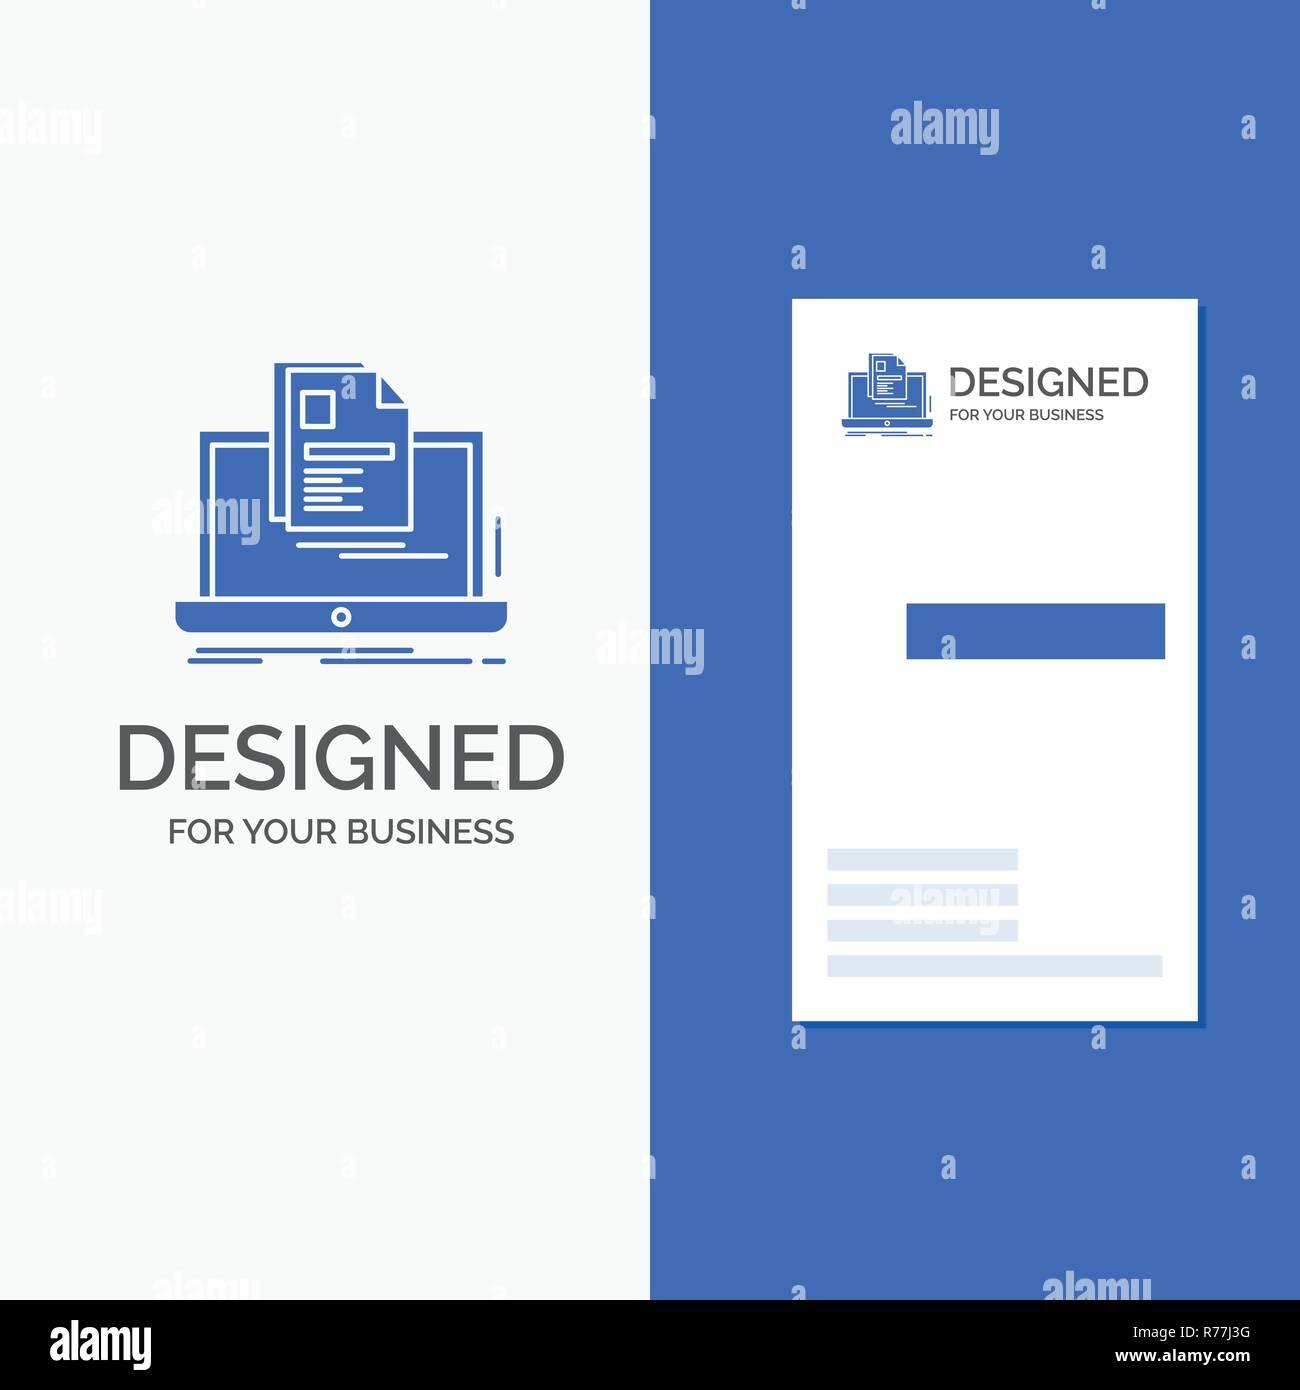 Logo Dentreprise Pour Compte Ordinateur Portable Rapport Print Curriculum Vitae Bleu Vertical Affaires Modele De Carte Visite